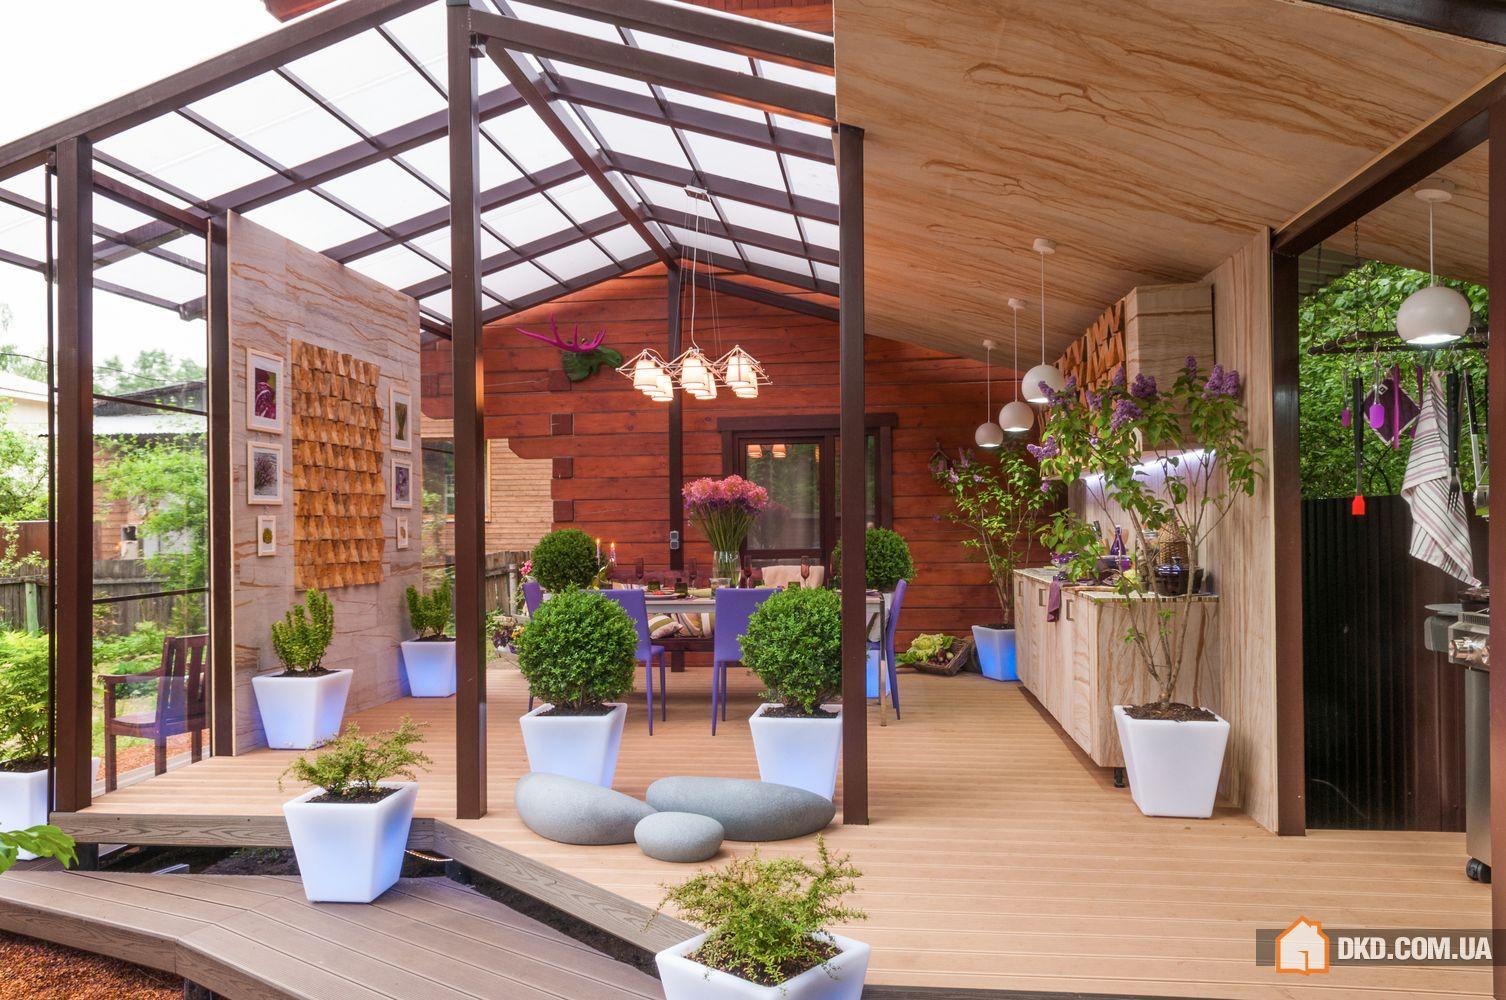 Терраса на даче - фото идеи современного дизайна террасы на .